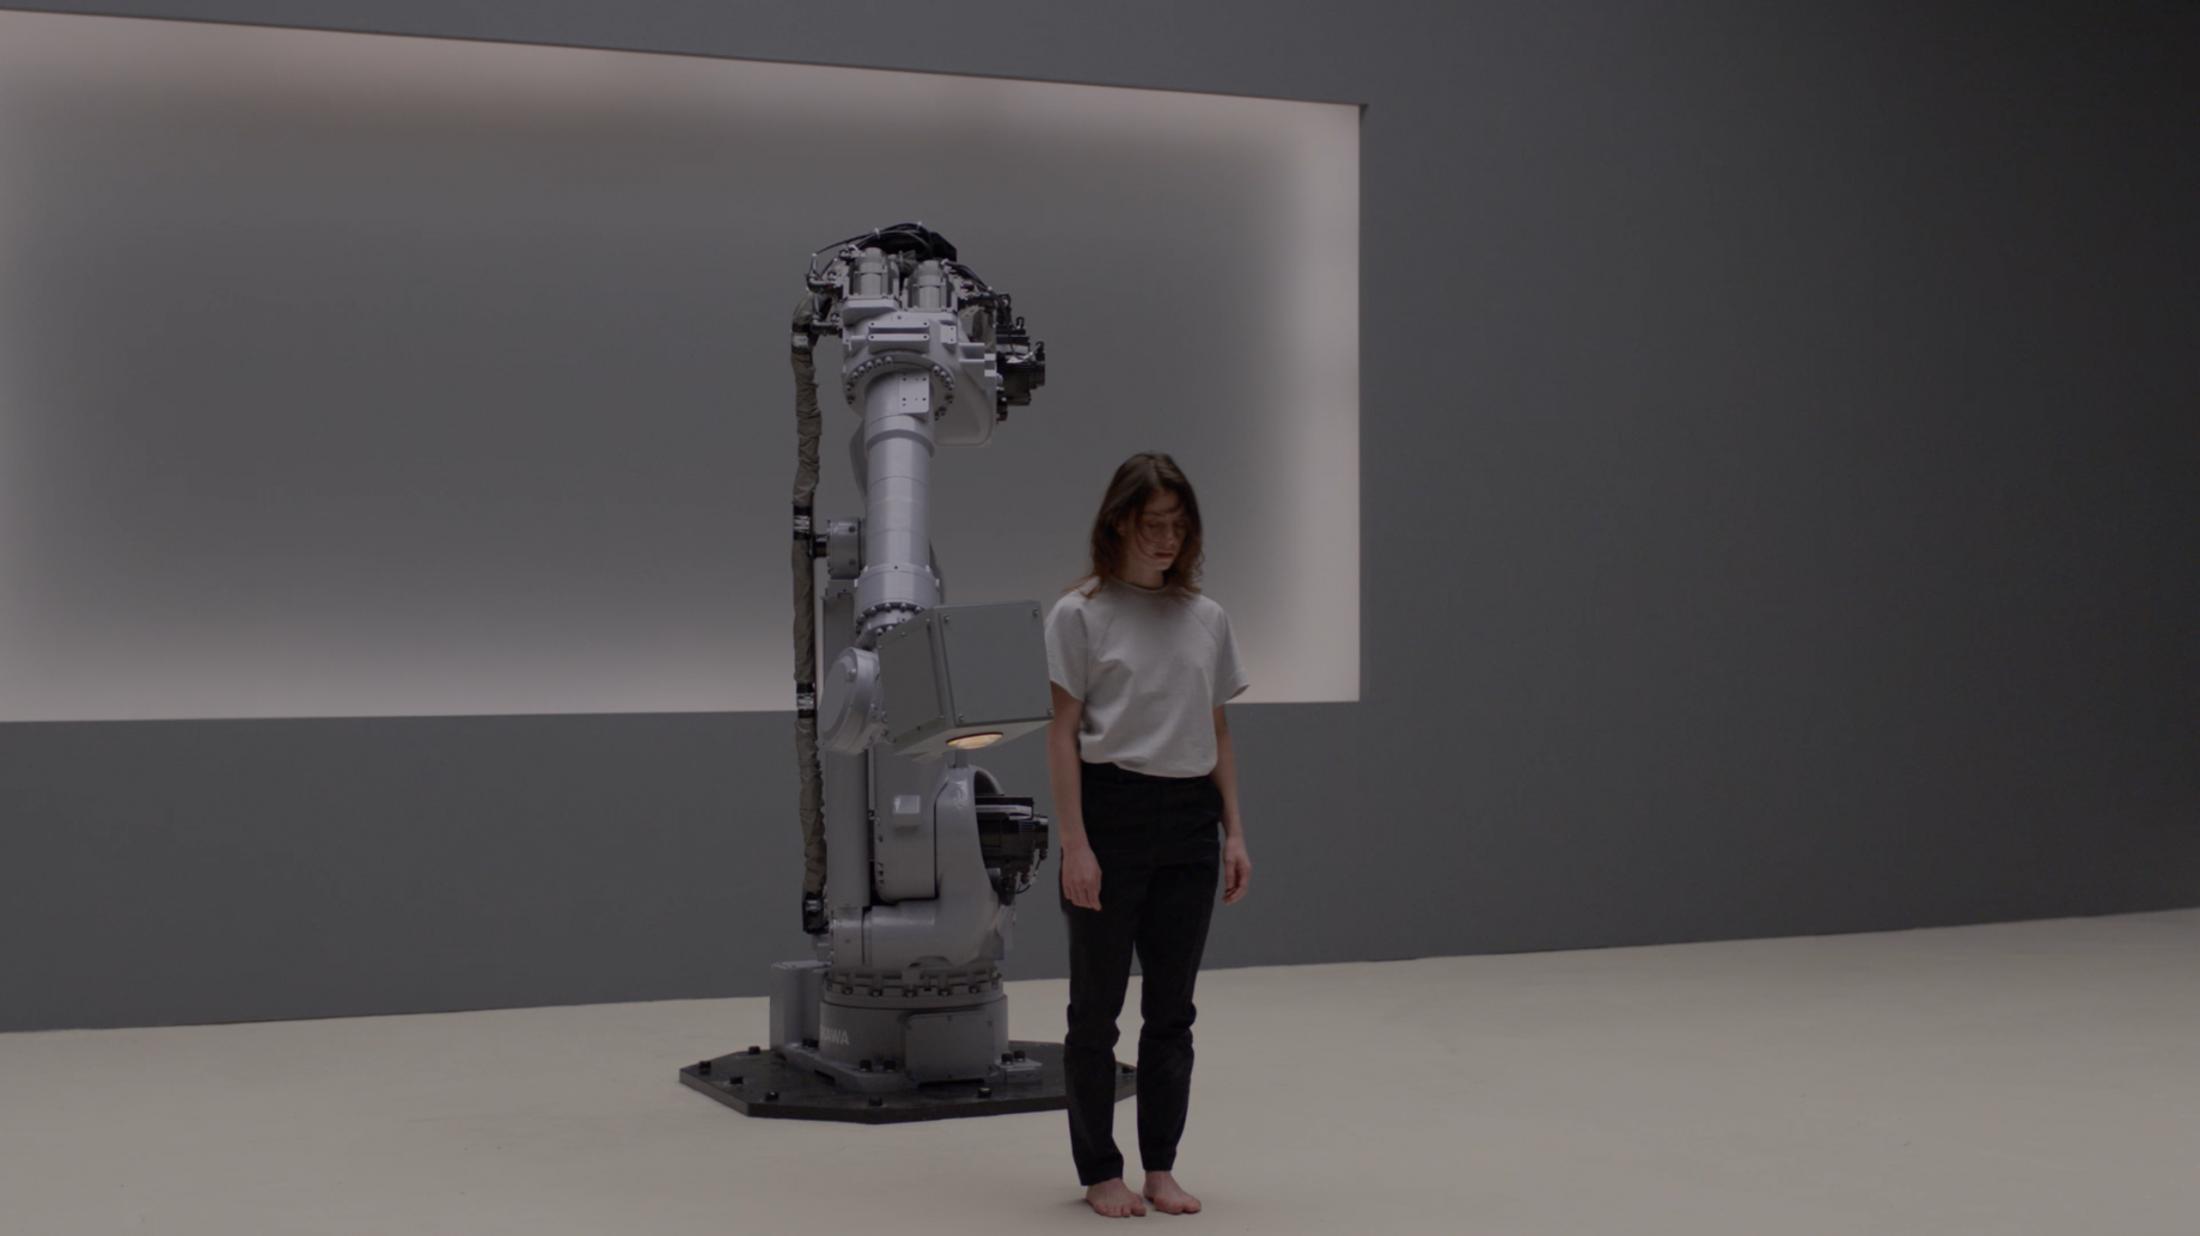 Thumbnail for Robot & Dancer